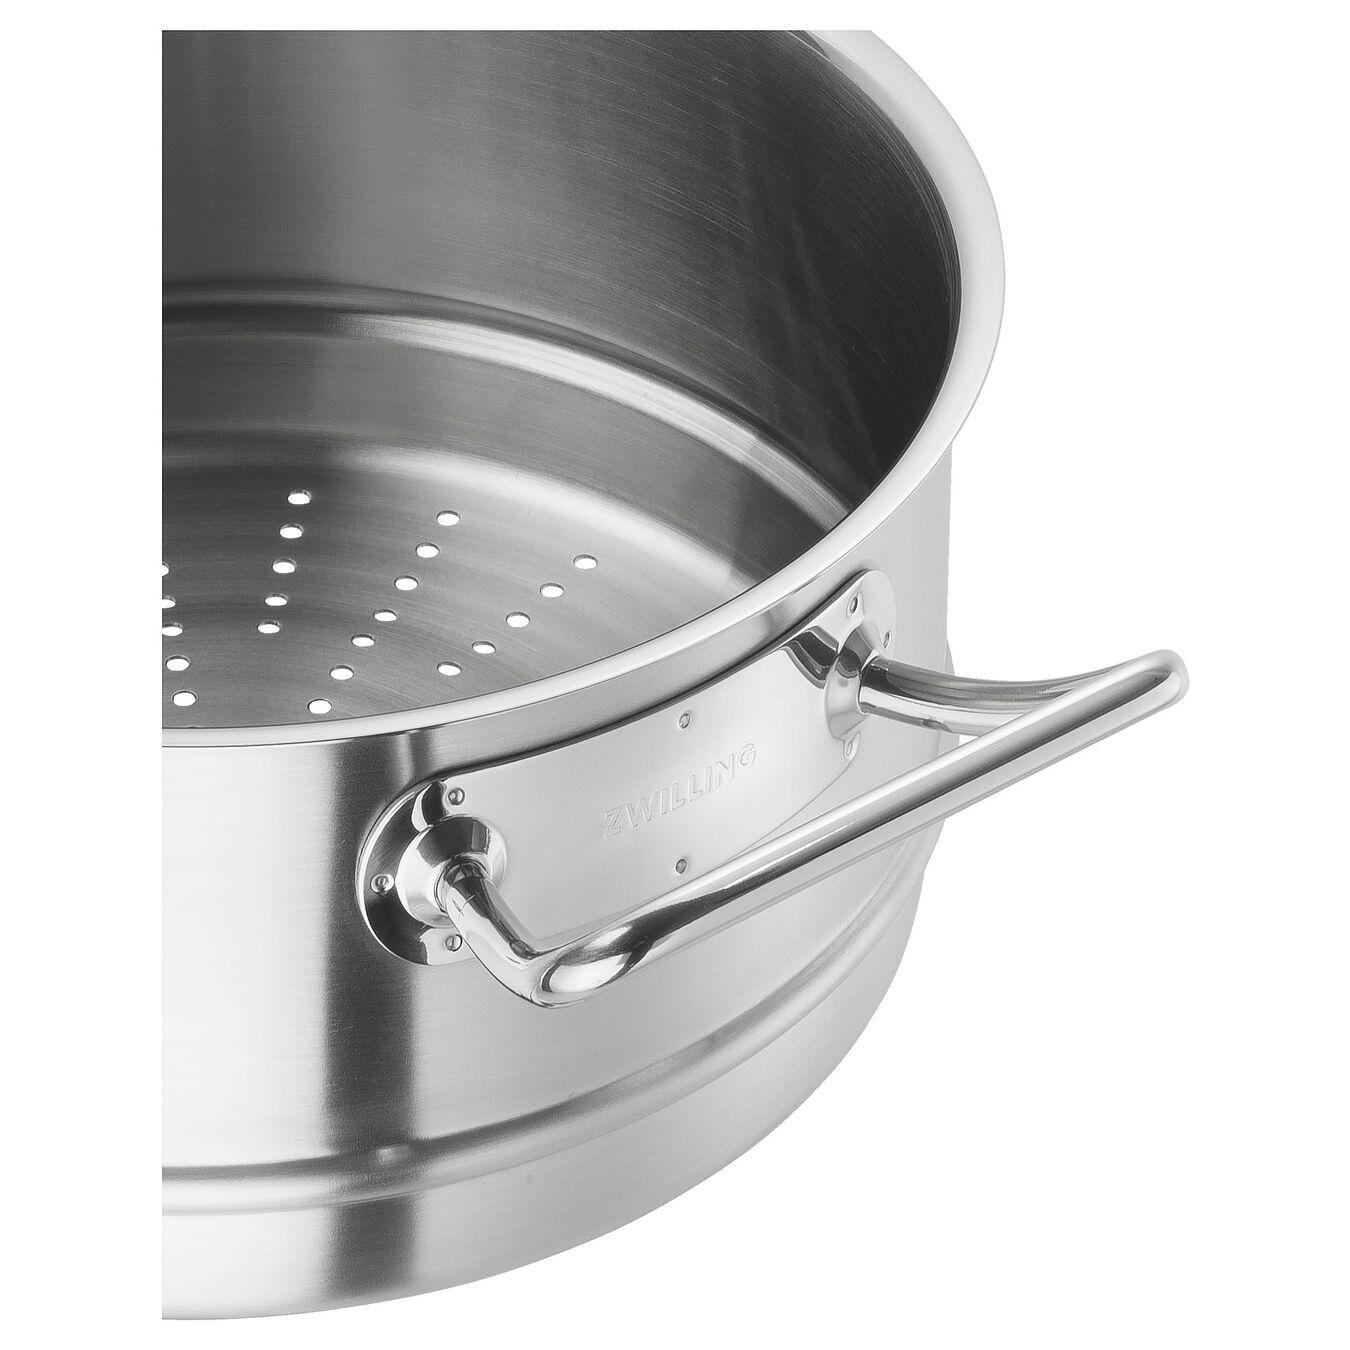 Ånginsats 24 cm, 18/10 Rostfritt stål,,large 2